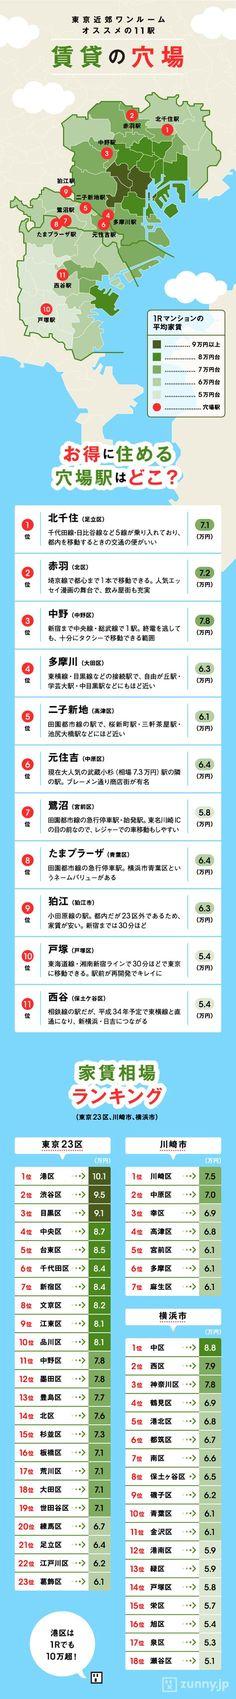 プロがコスパで厳選! 東京近郊1R「穴場駅」11選 | ZUNNY インフォグラフィック・ニュース